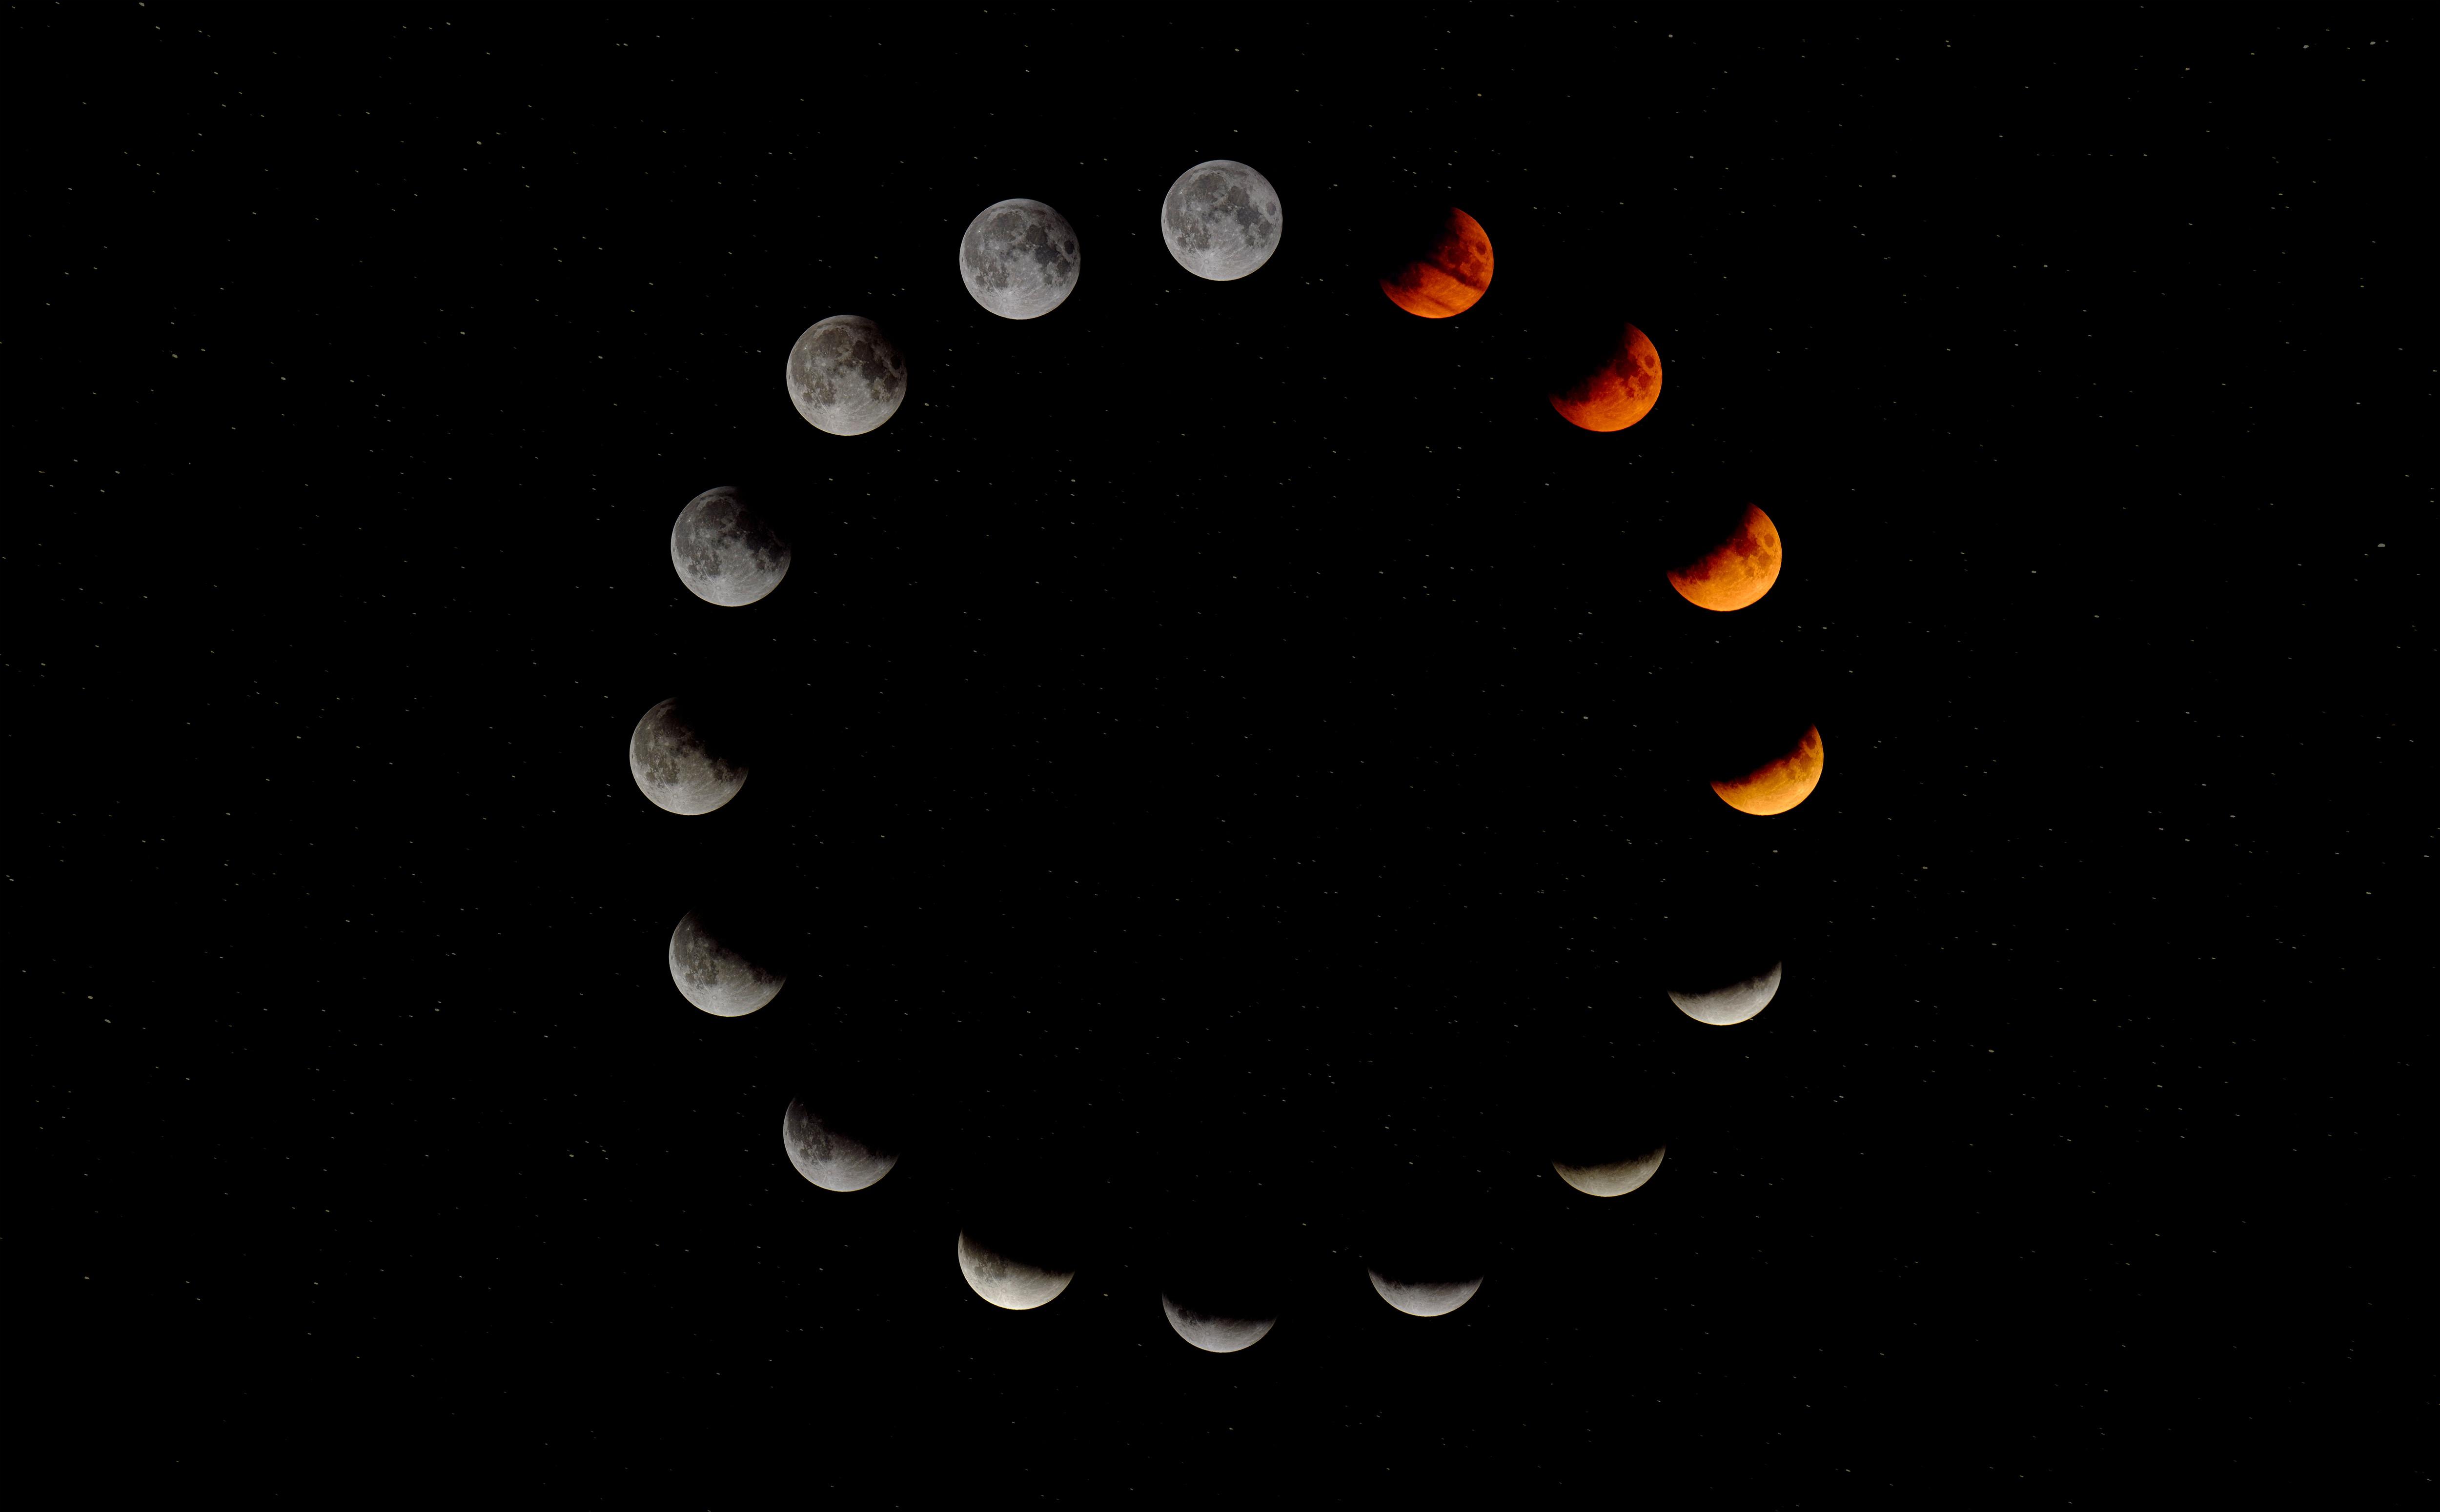 68917 скачать обои Луна, Космос, Затмение, Астрономия, Фазы, Цикл - заставки и картинки бесплатно